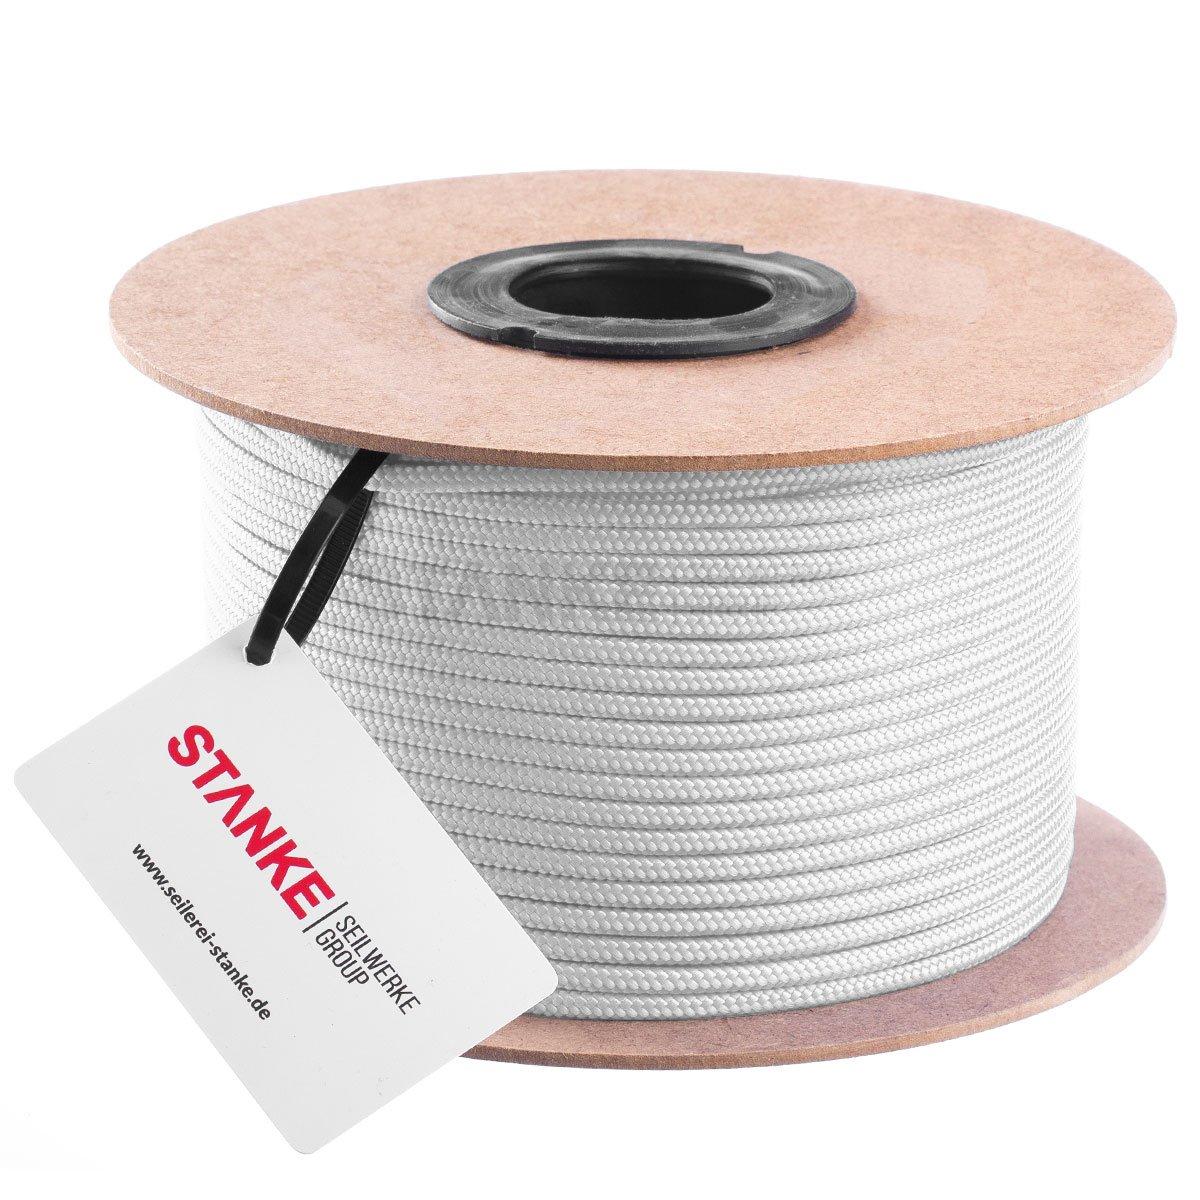 6mm polypropylen seil pp seil polypropylenseil weiss. Black Bedroom Furniture Sets. Home Design Ideas